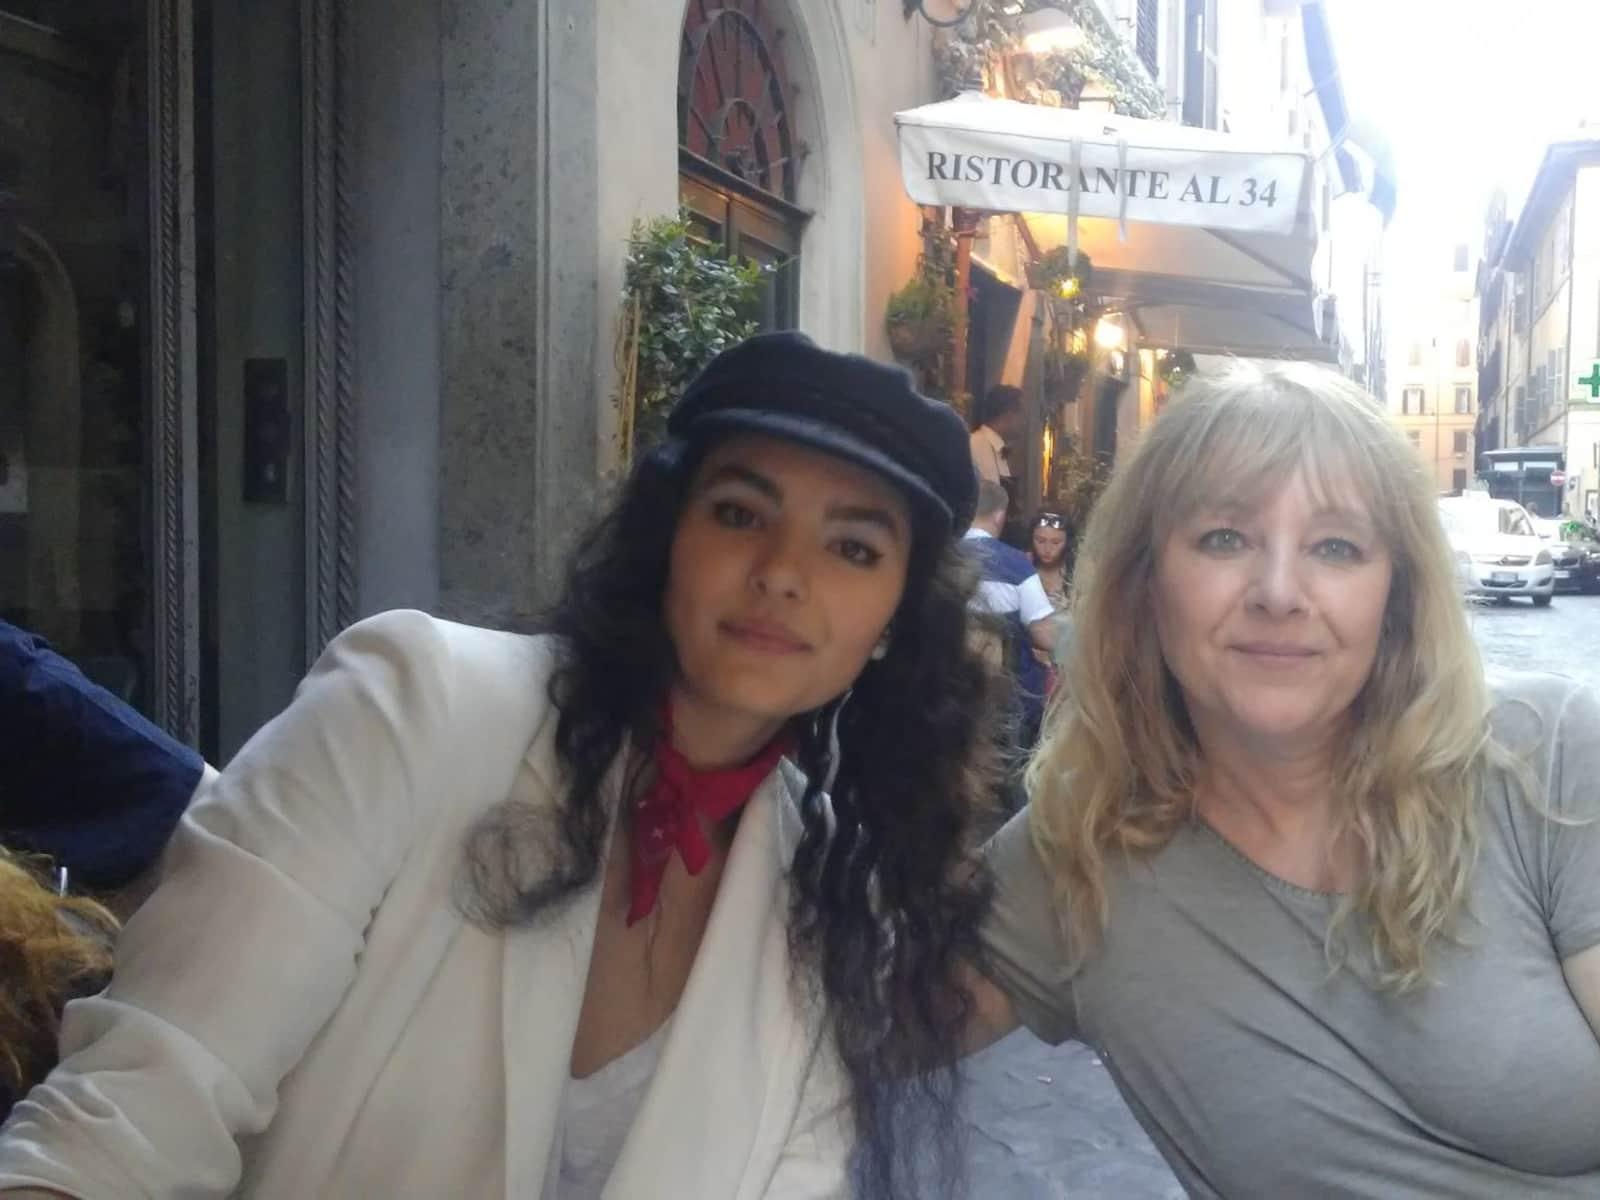 Tamasine & Antoninette from Washington, D.C., Washington, D.C., United States